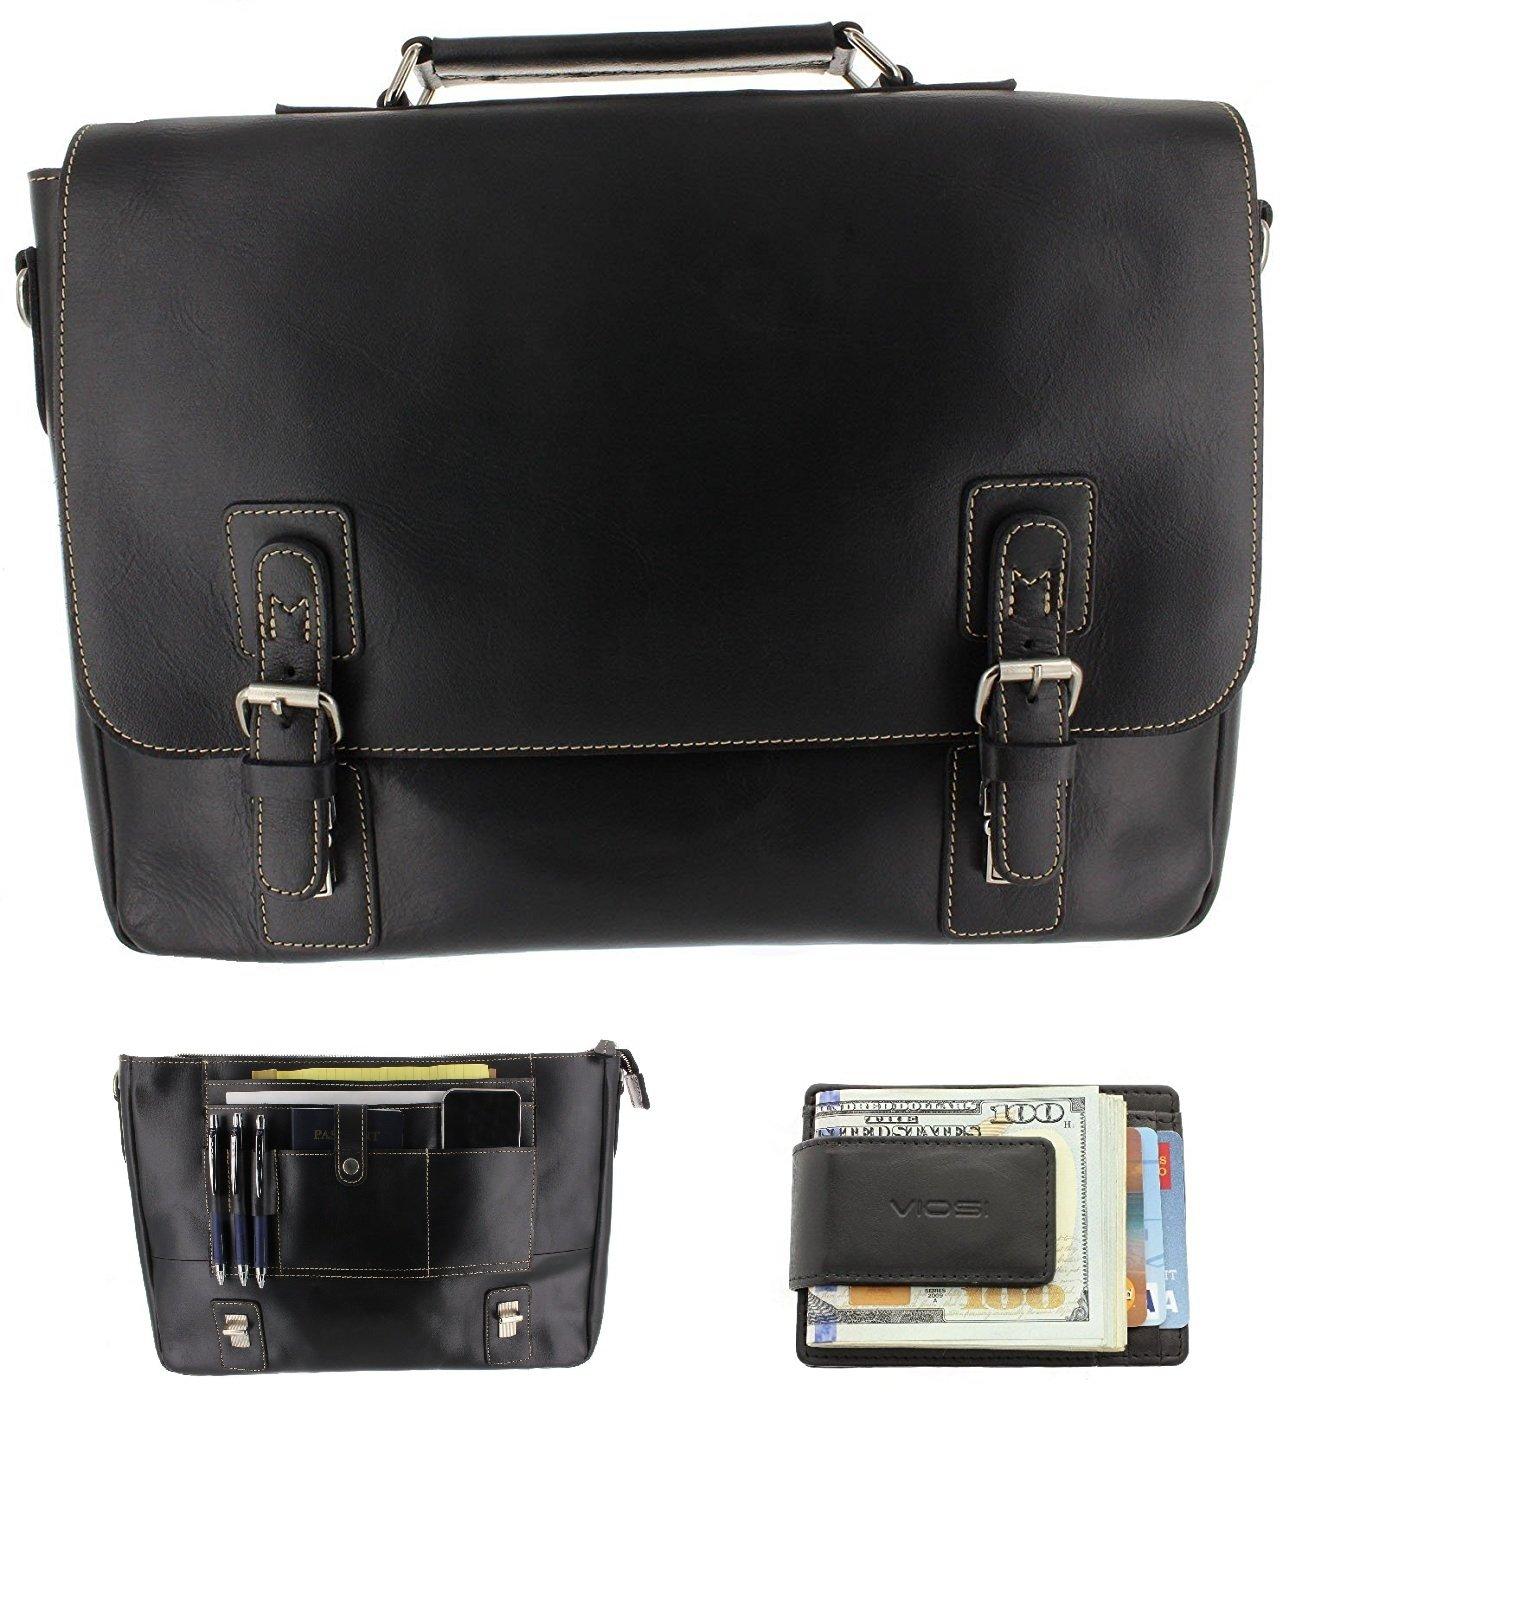 Viosi Mens RFID Leather Messenger Bag / 14 or 16 Inch Laptop Briefcase Shoulder Satchel Bag / RFID Money Clip Included